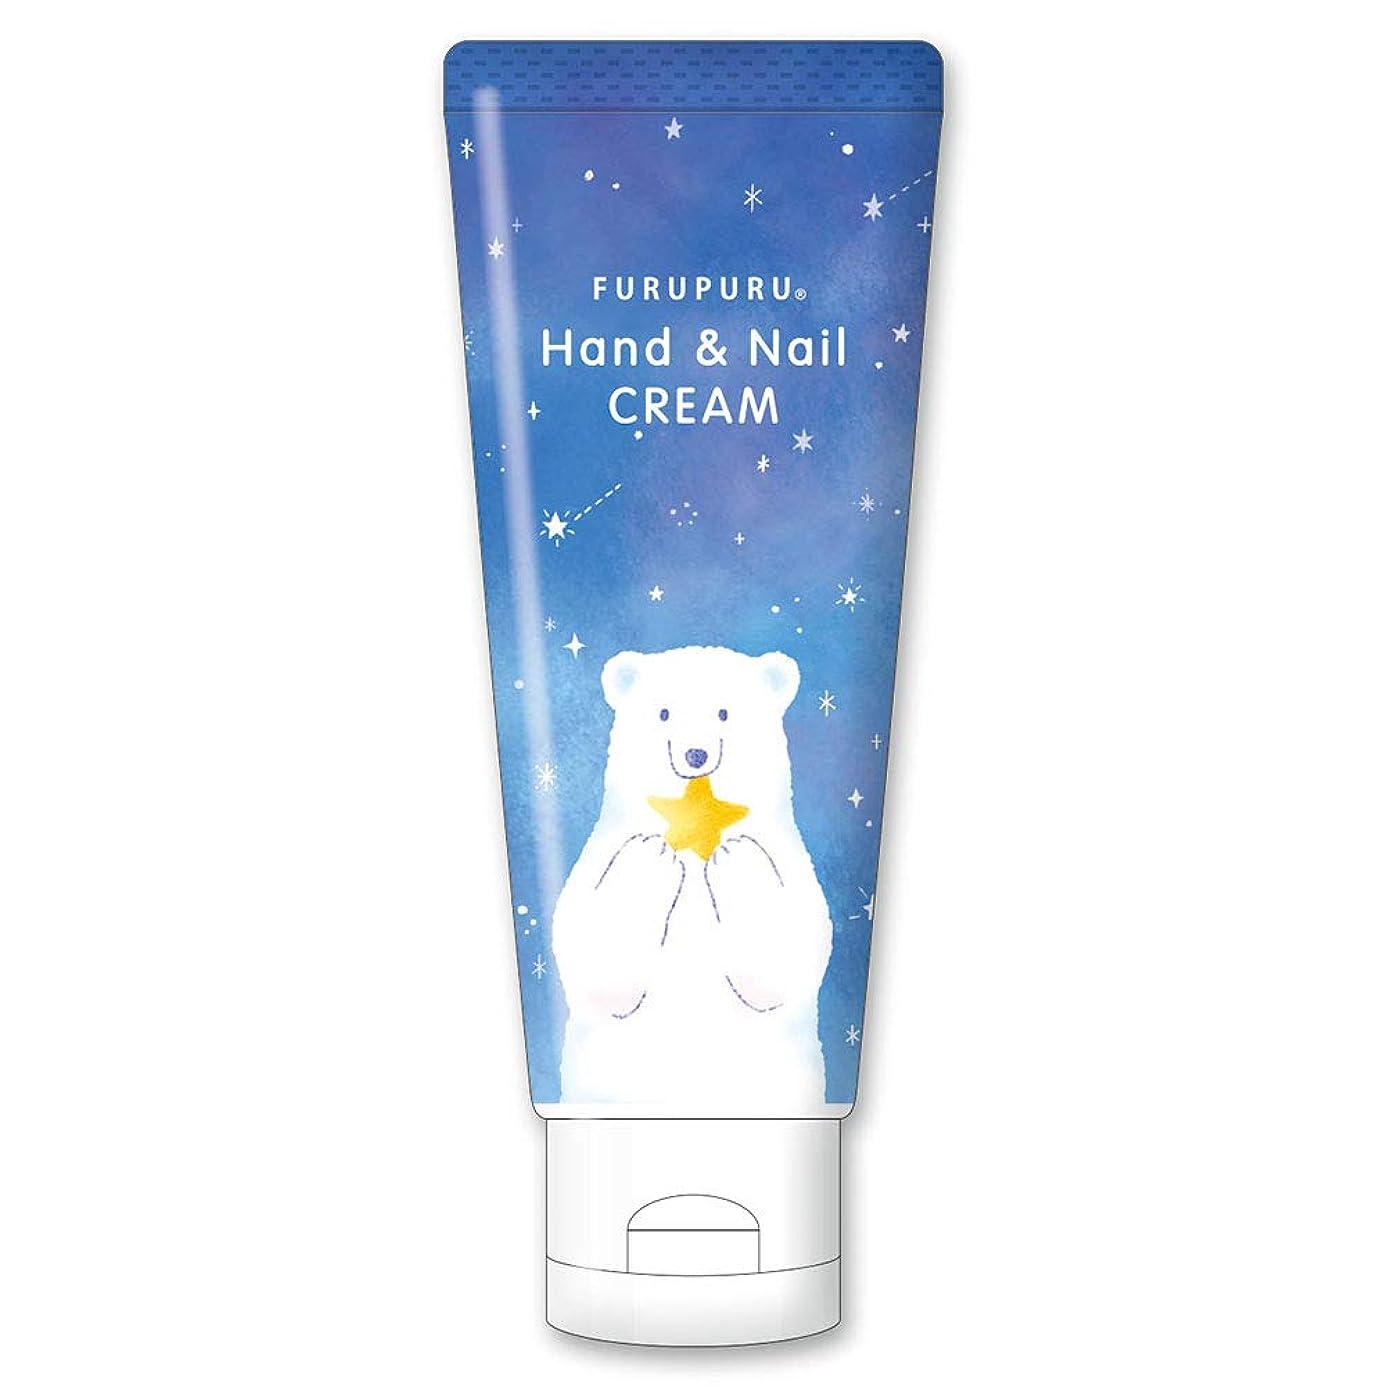 信念ハンサムねばねばフルプルハンド&ネイルクリーム デリシャス スターズ フルーティーフローラルの香り 50g